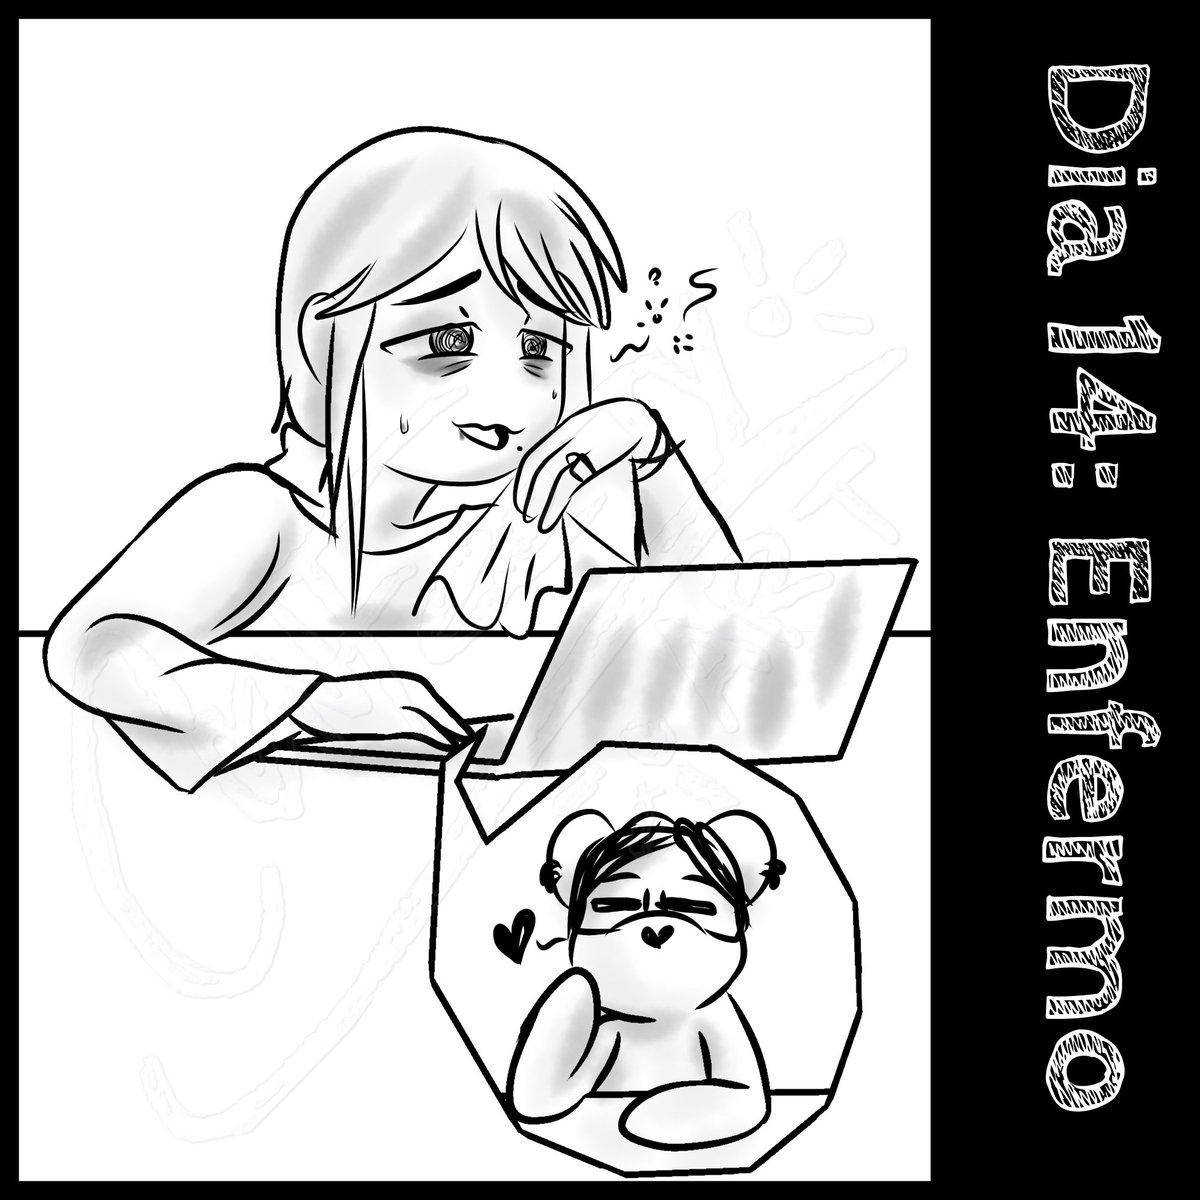 """Dia 14: Enfermo -"""" estade bien...""""  Recuerden que si se sienten enfermitos, es mejor no salir! Hay que cuidarnos y cuidar a los que amamos! UvU  #ConFeeTyArt #ConFeeTy  #art #digitalart  #oc #ConFeeTyList2021  #ConFeeTyList  #challenge #drawingchallenge #drawingchallenge2021"""